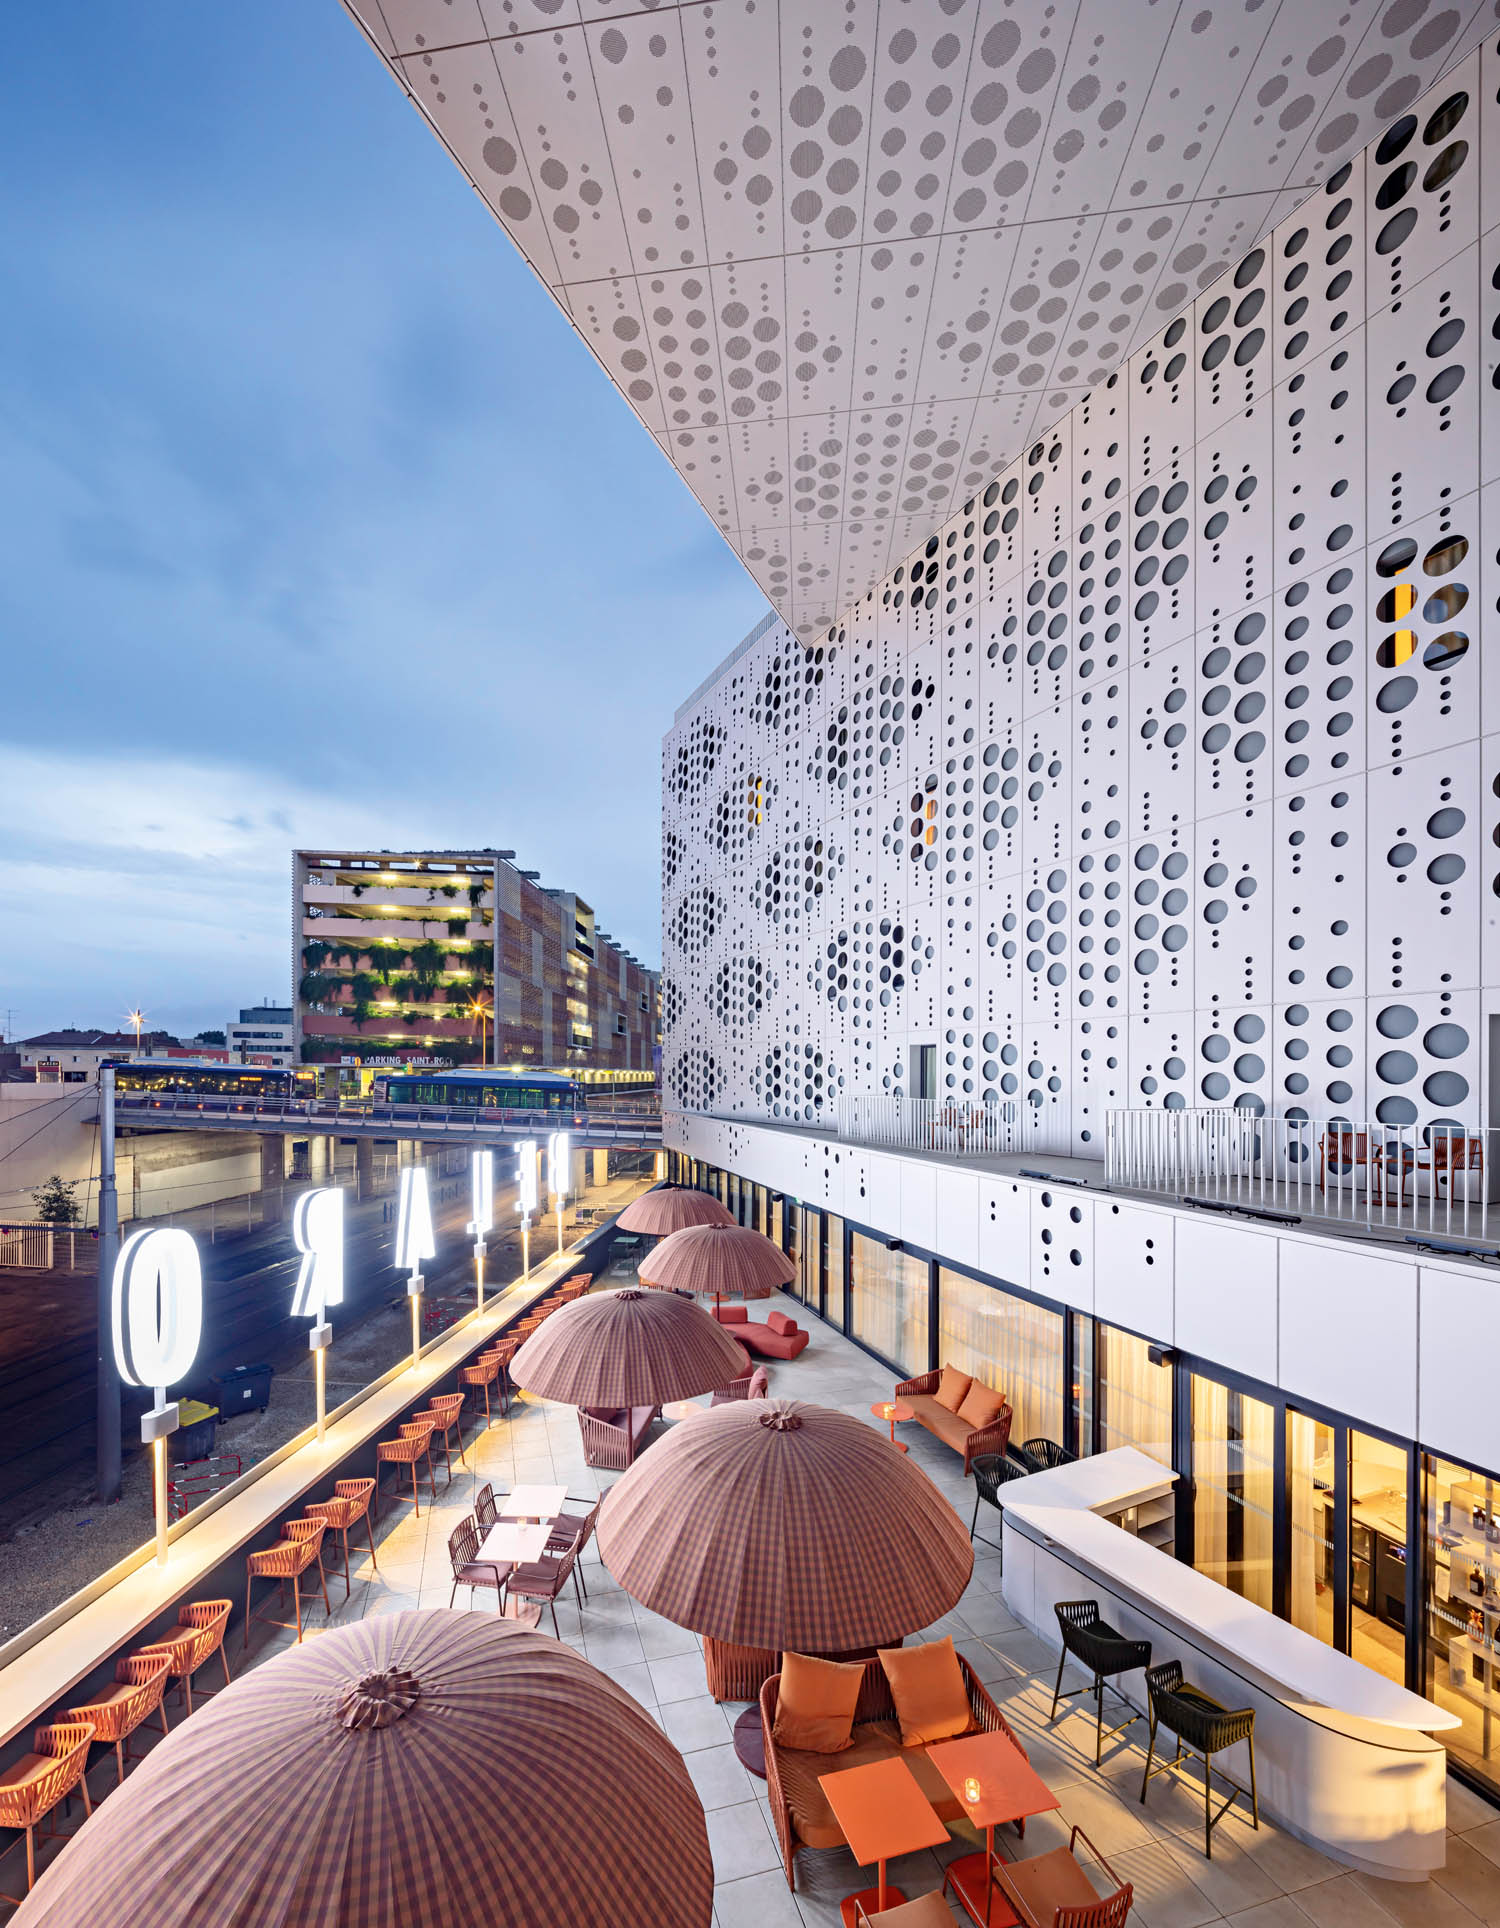 Le Belaroïa, hotel e appartamenti, Montpellier, Francia, 2019  © Cyril Abad